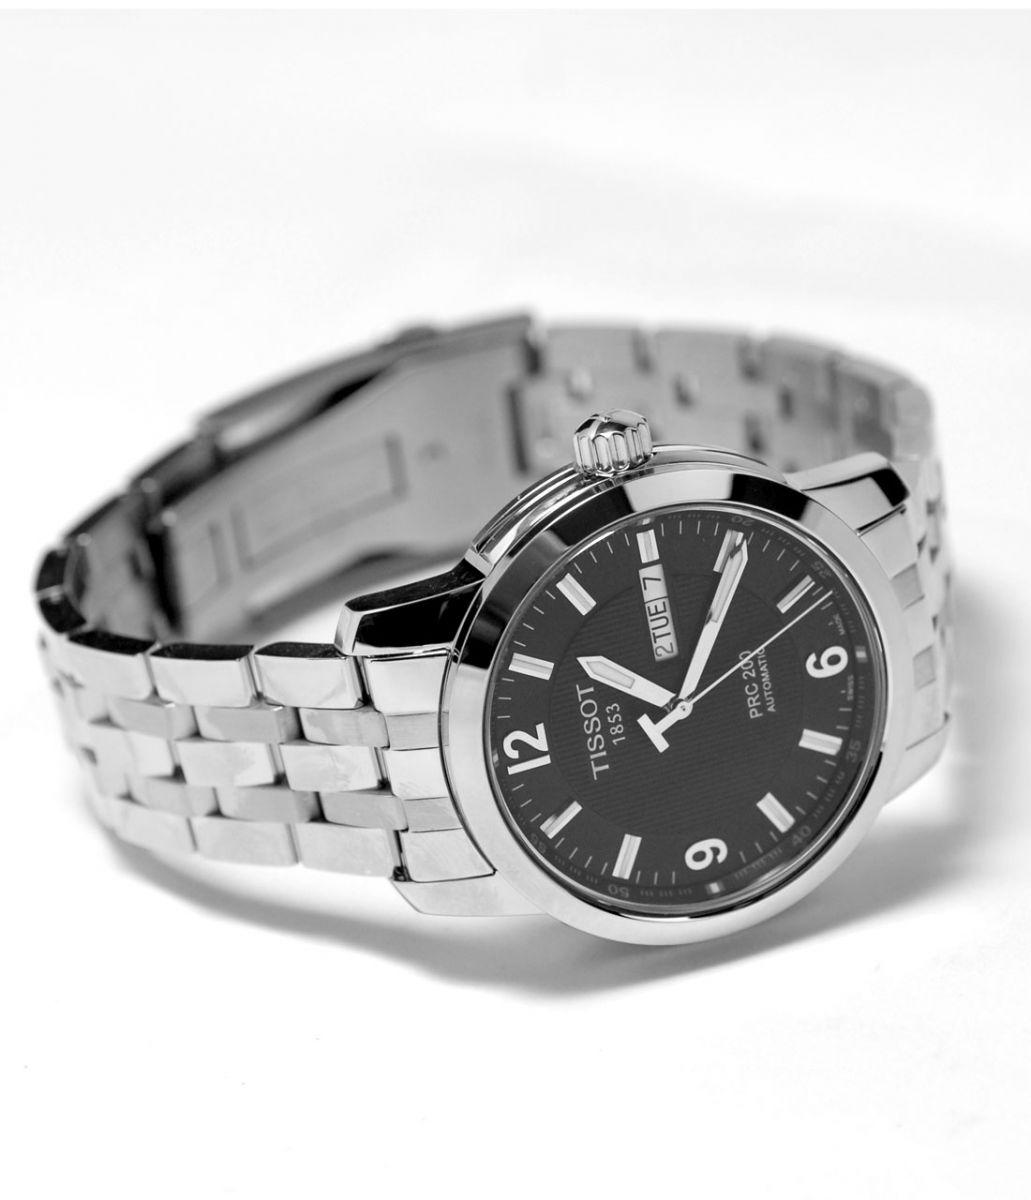 Đồng hồ nam Tissot 1853 T014.430.11.057.00 phong cchs lịch lãm